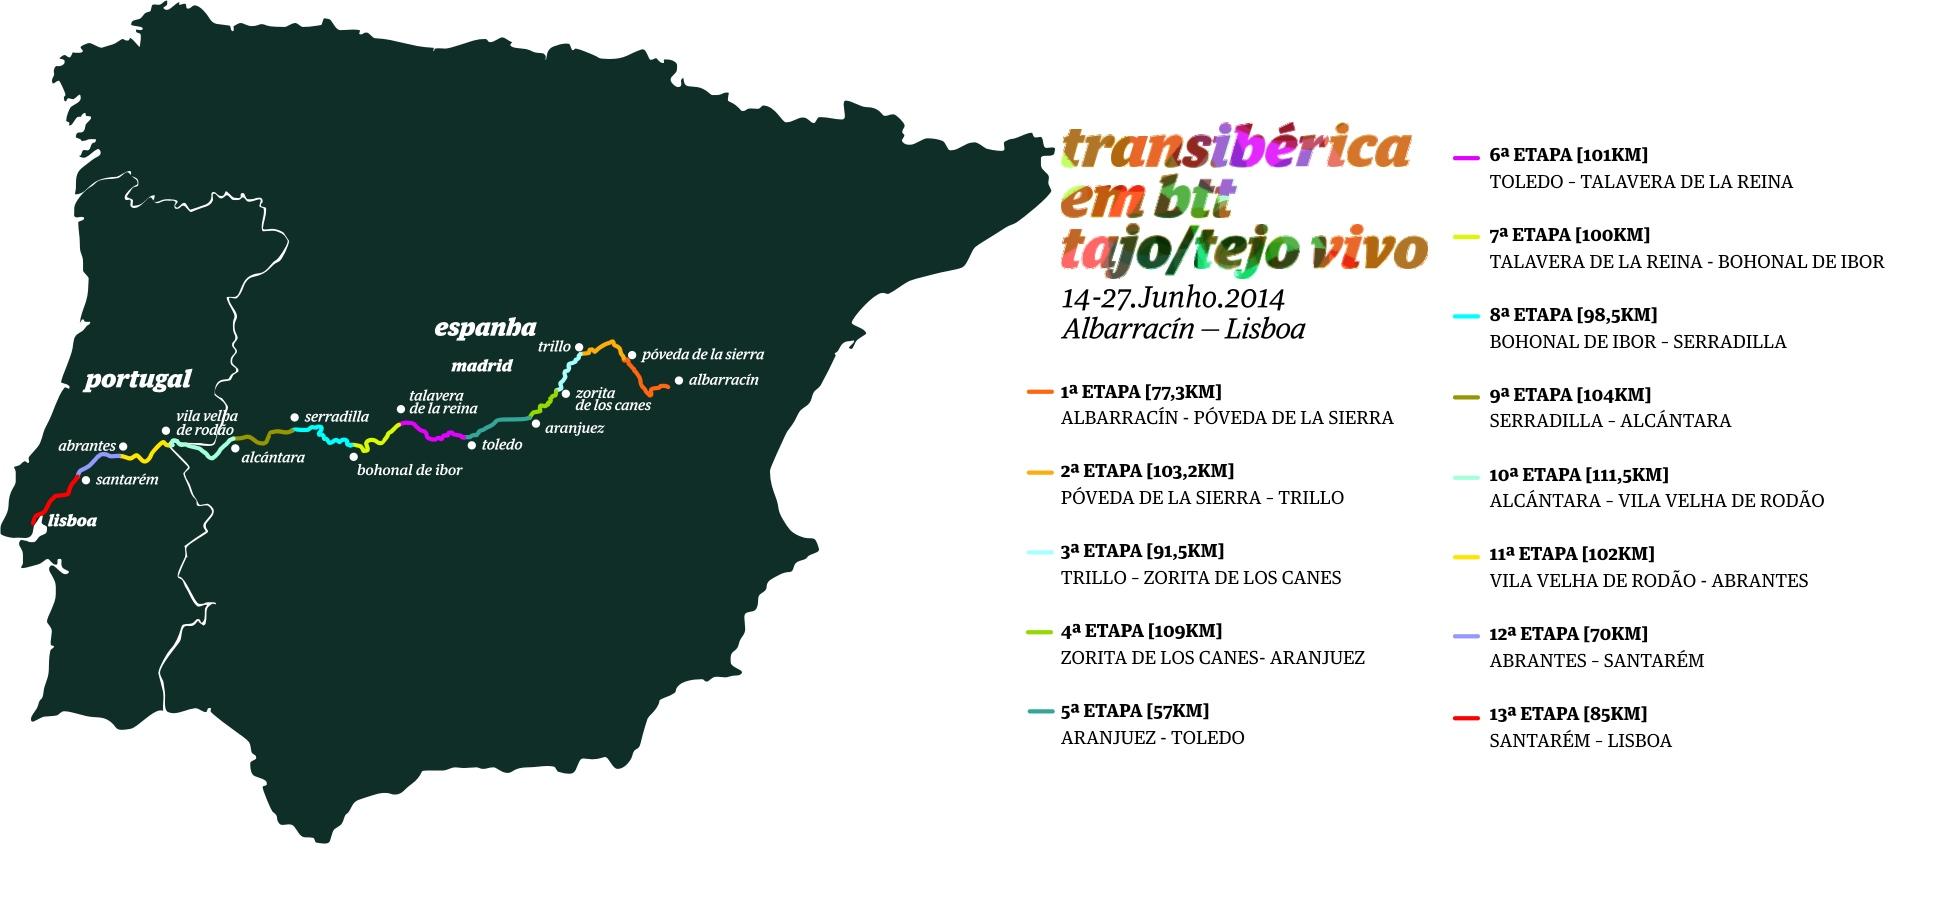 mapa do tejo Index of /site/imagens/Tejo Vivo mapa do tejo